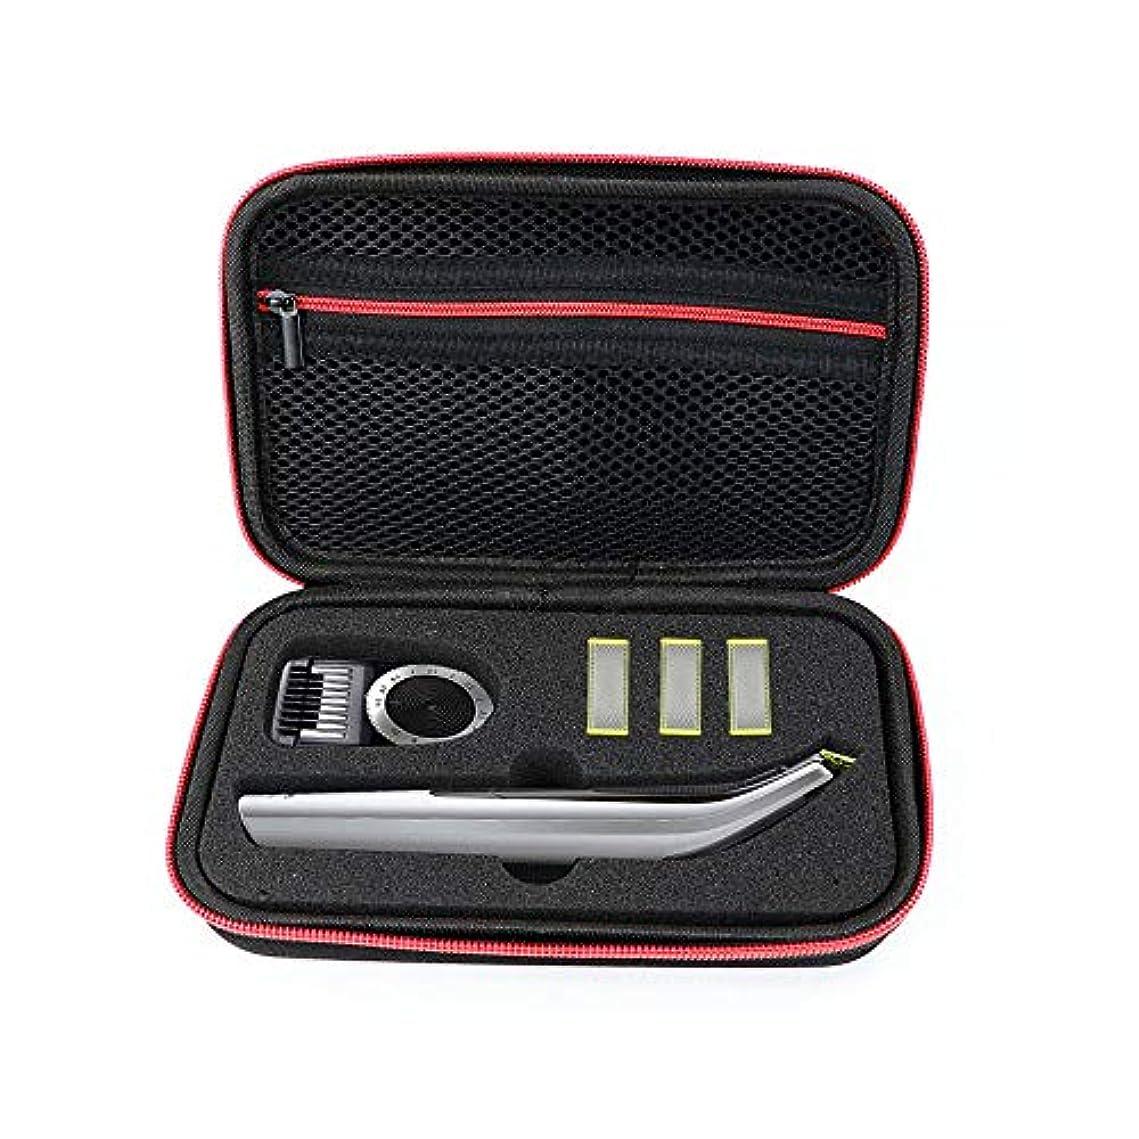 外側従事する論理ZBRGX OneBlade Pro QP150トラベルケースフィリップス電気かみそりケース QP6520 QP6510用ポータブル収納袋 防塵 防水 耐衝撃 キャリングケース 保護ポーチ (赤)